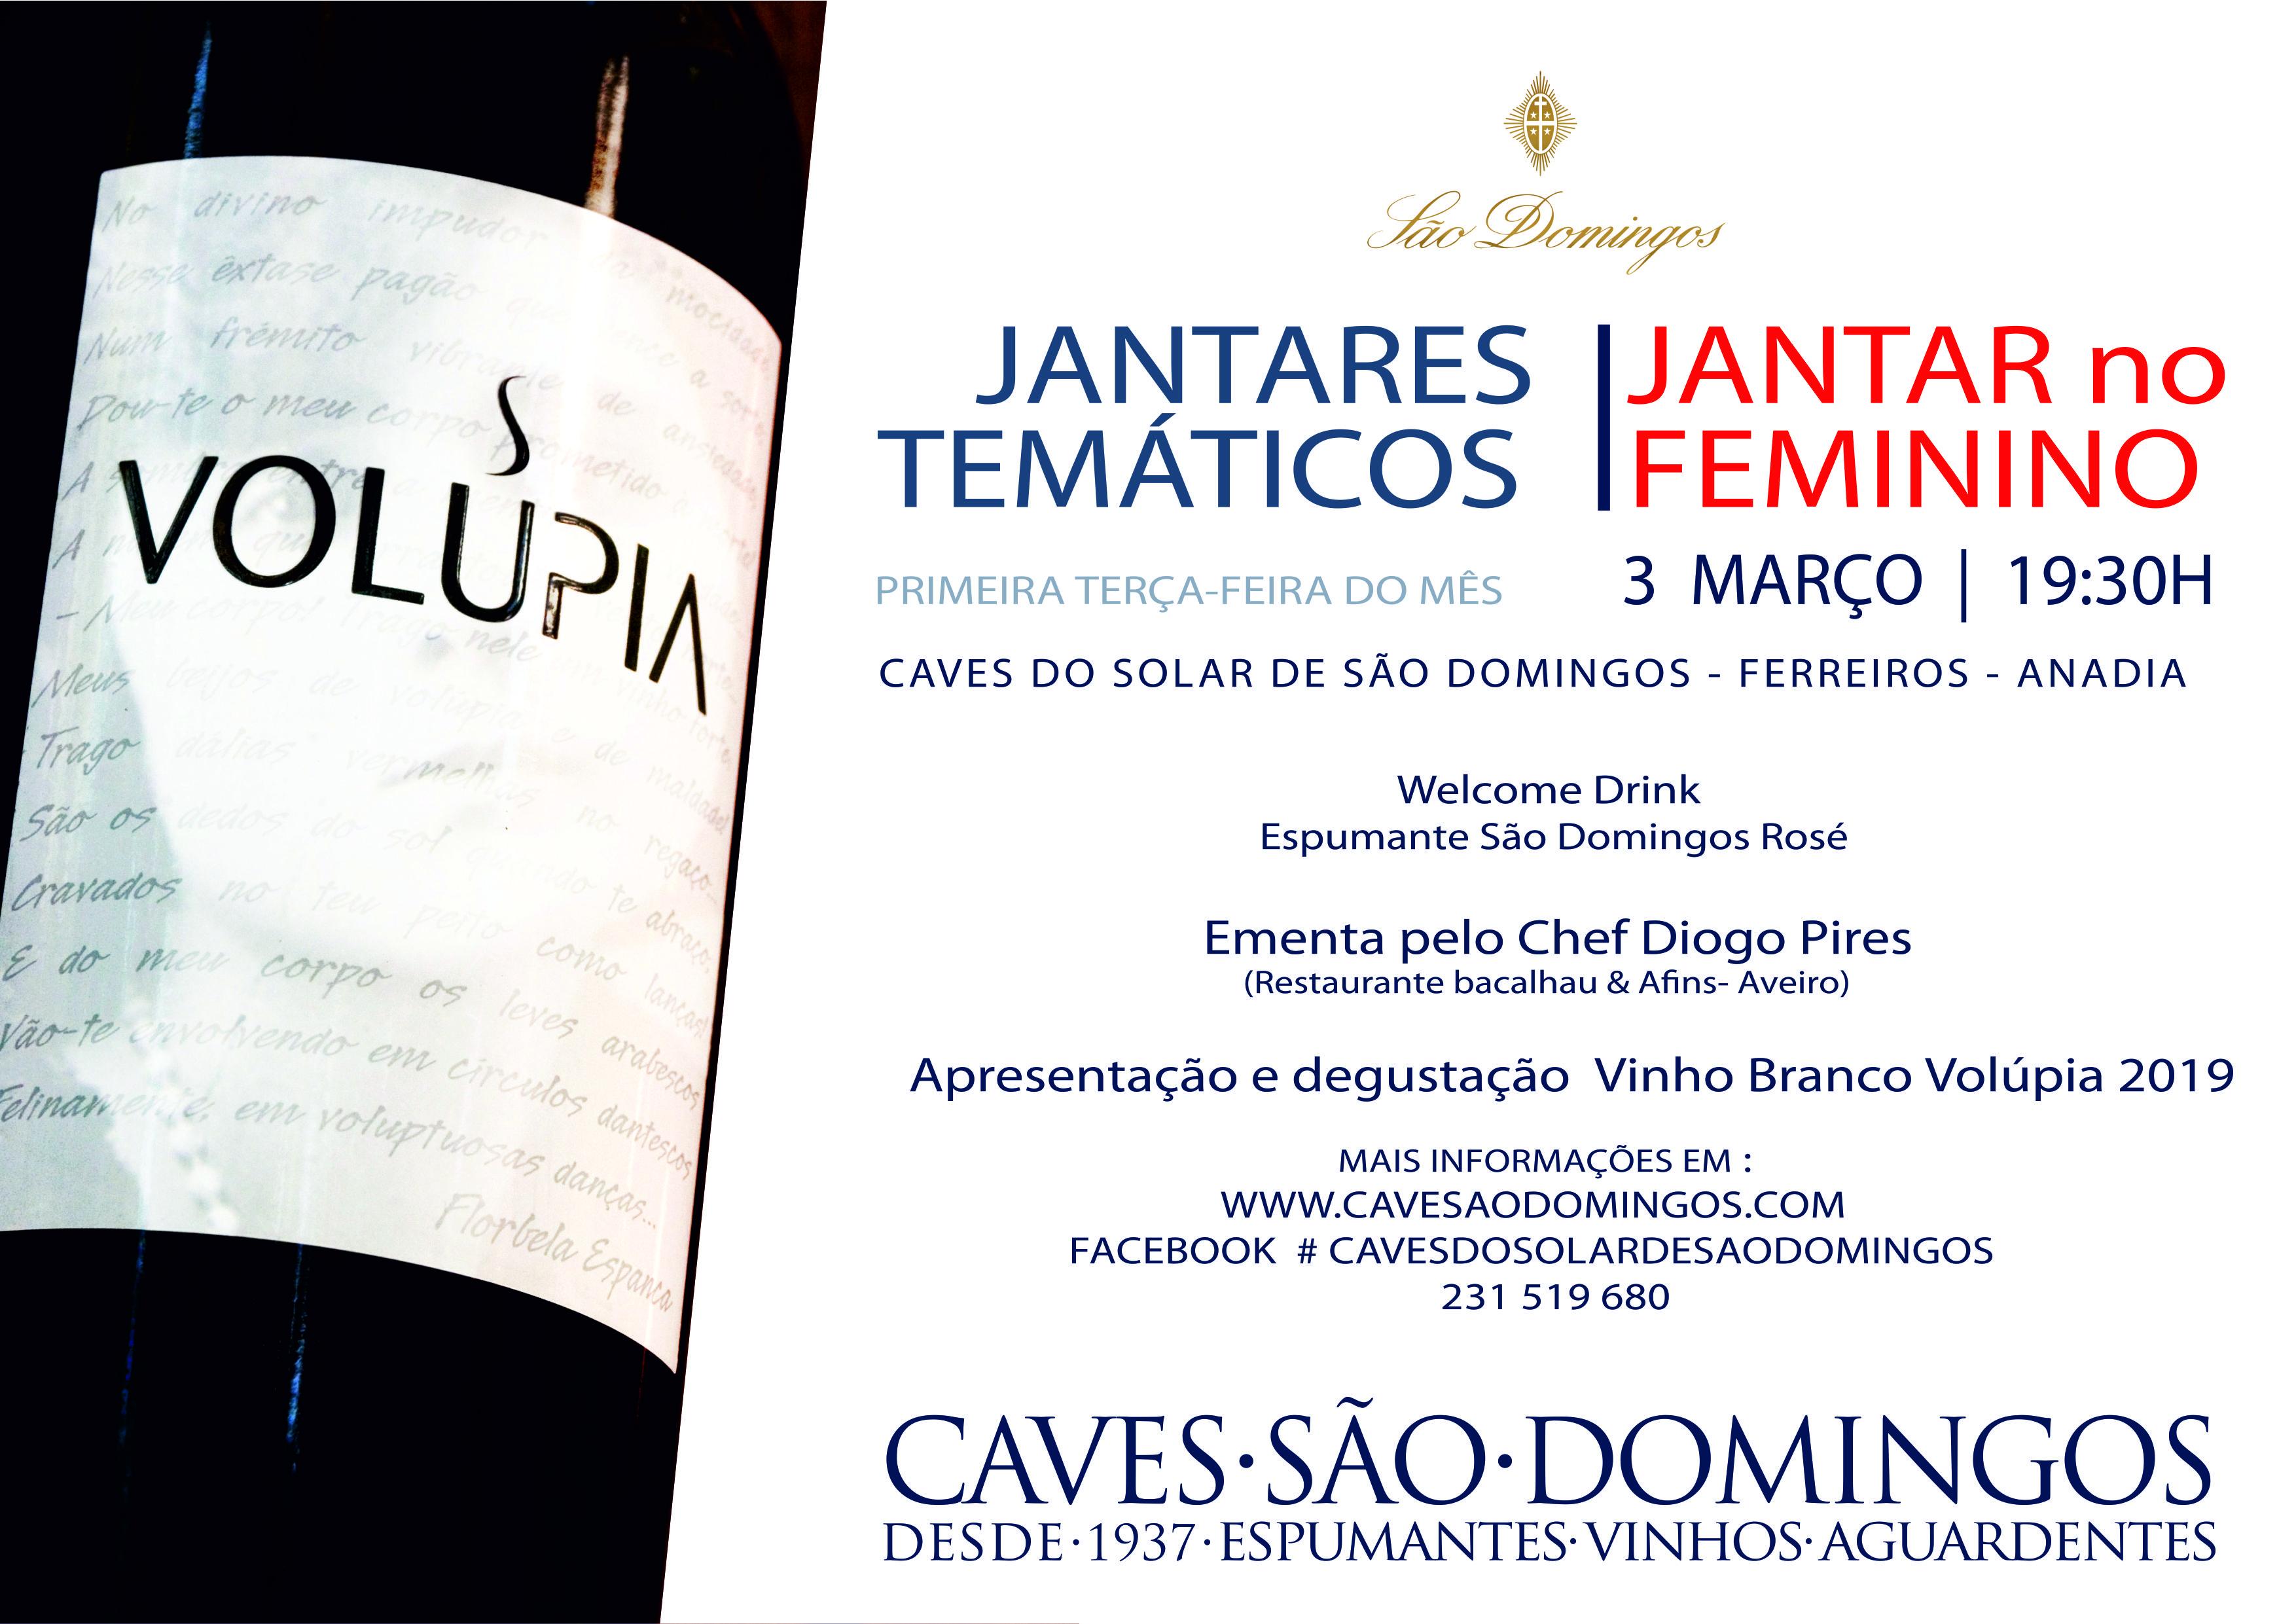 Na primeira terça-feira de cada mês marcamos encontro nas Caves São Domingos com um Jantar Temático.